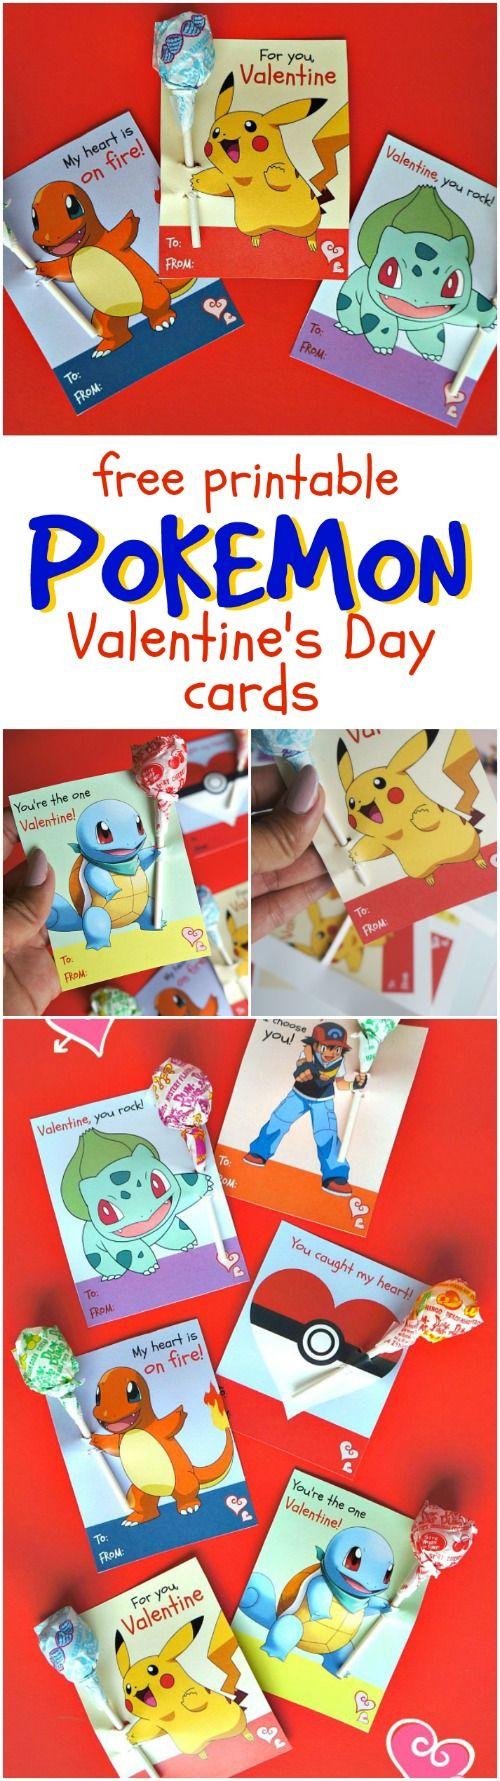 这些免费的可打印的口袋妖怪情人节贺卡与棒棒糖是如此有趣的孩子们传递给朋友,与你最喜欢的口袋妖怪角色!